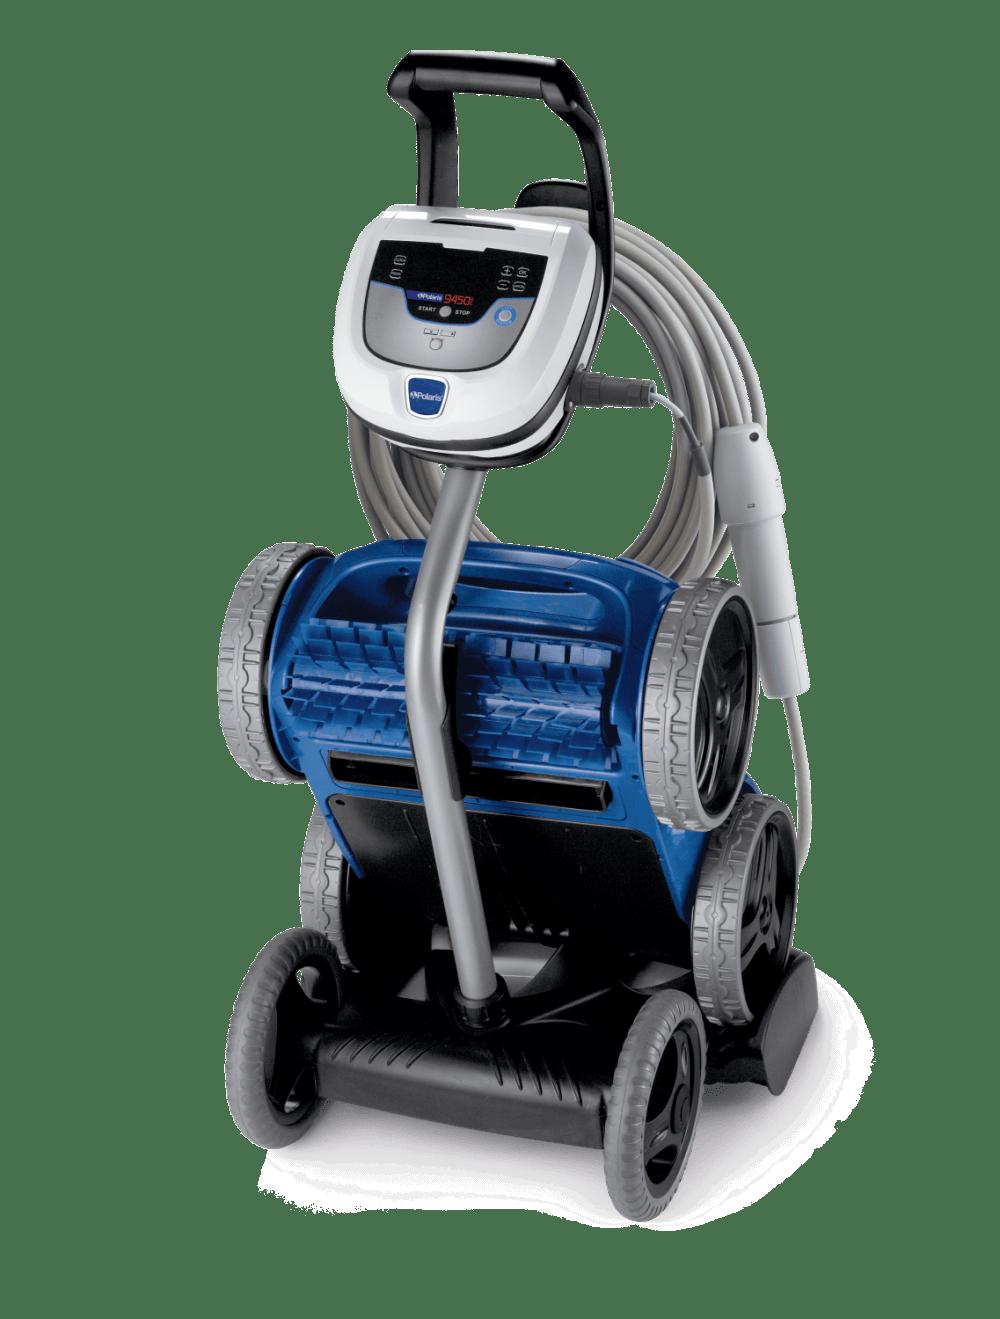 medium resolution of polaris 9450 robotic pool cleaner